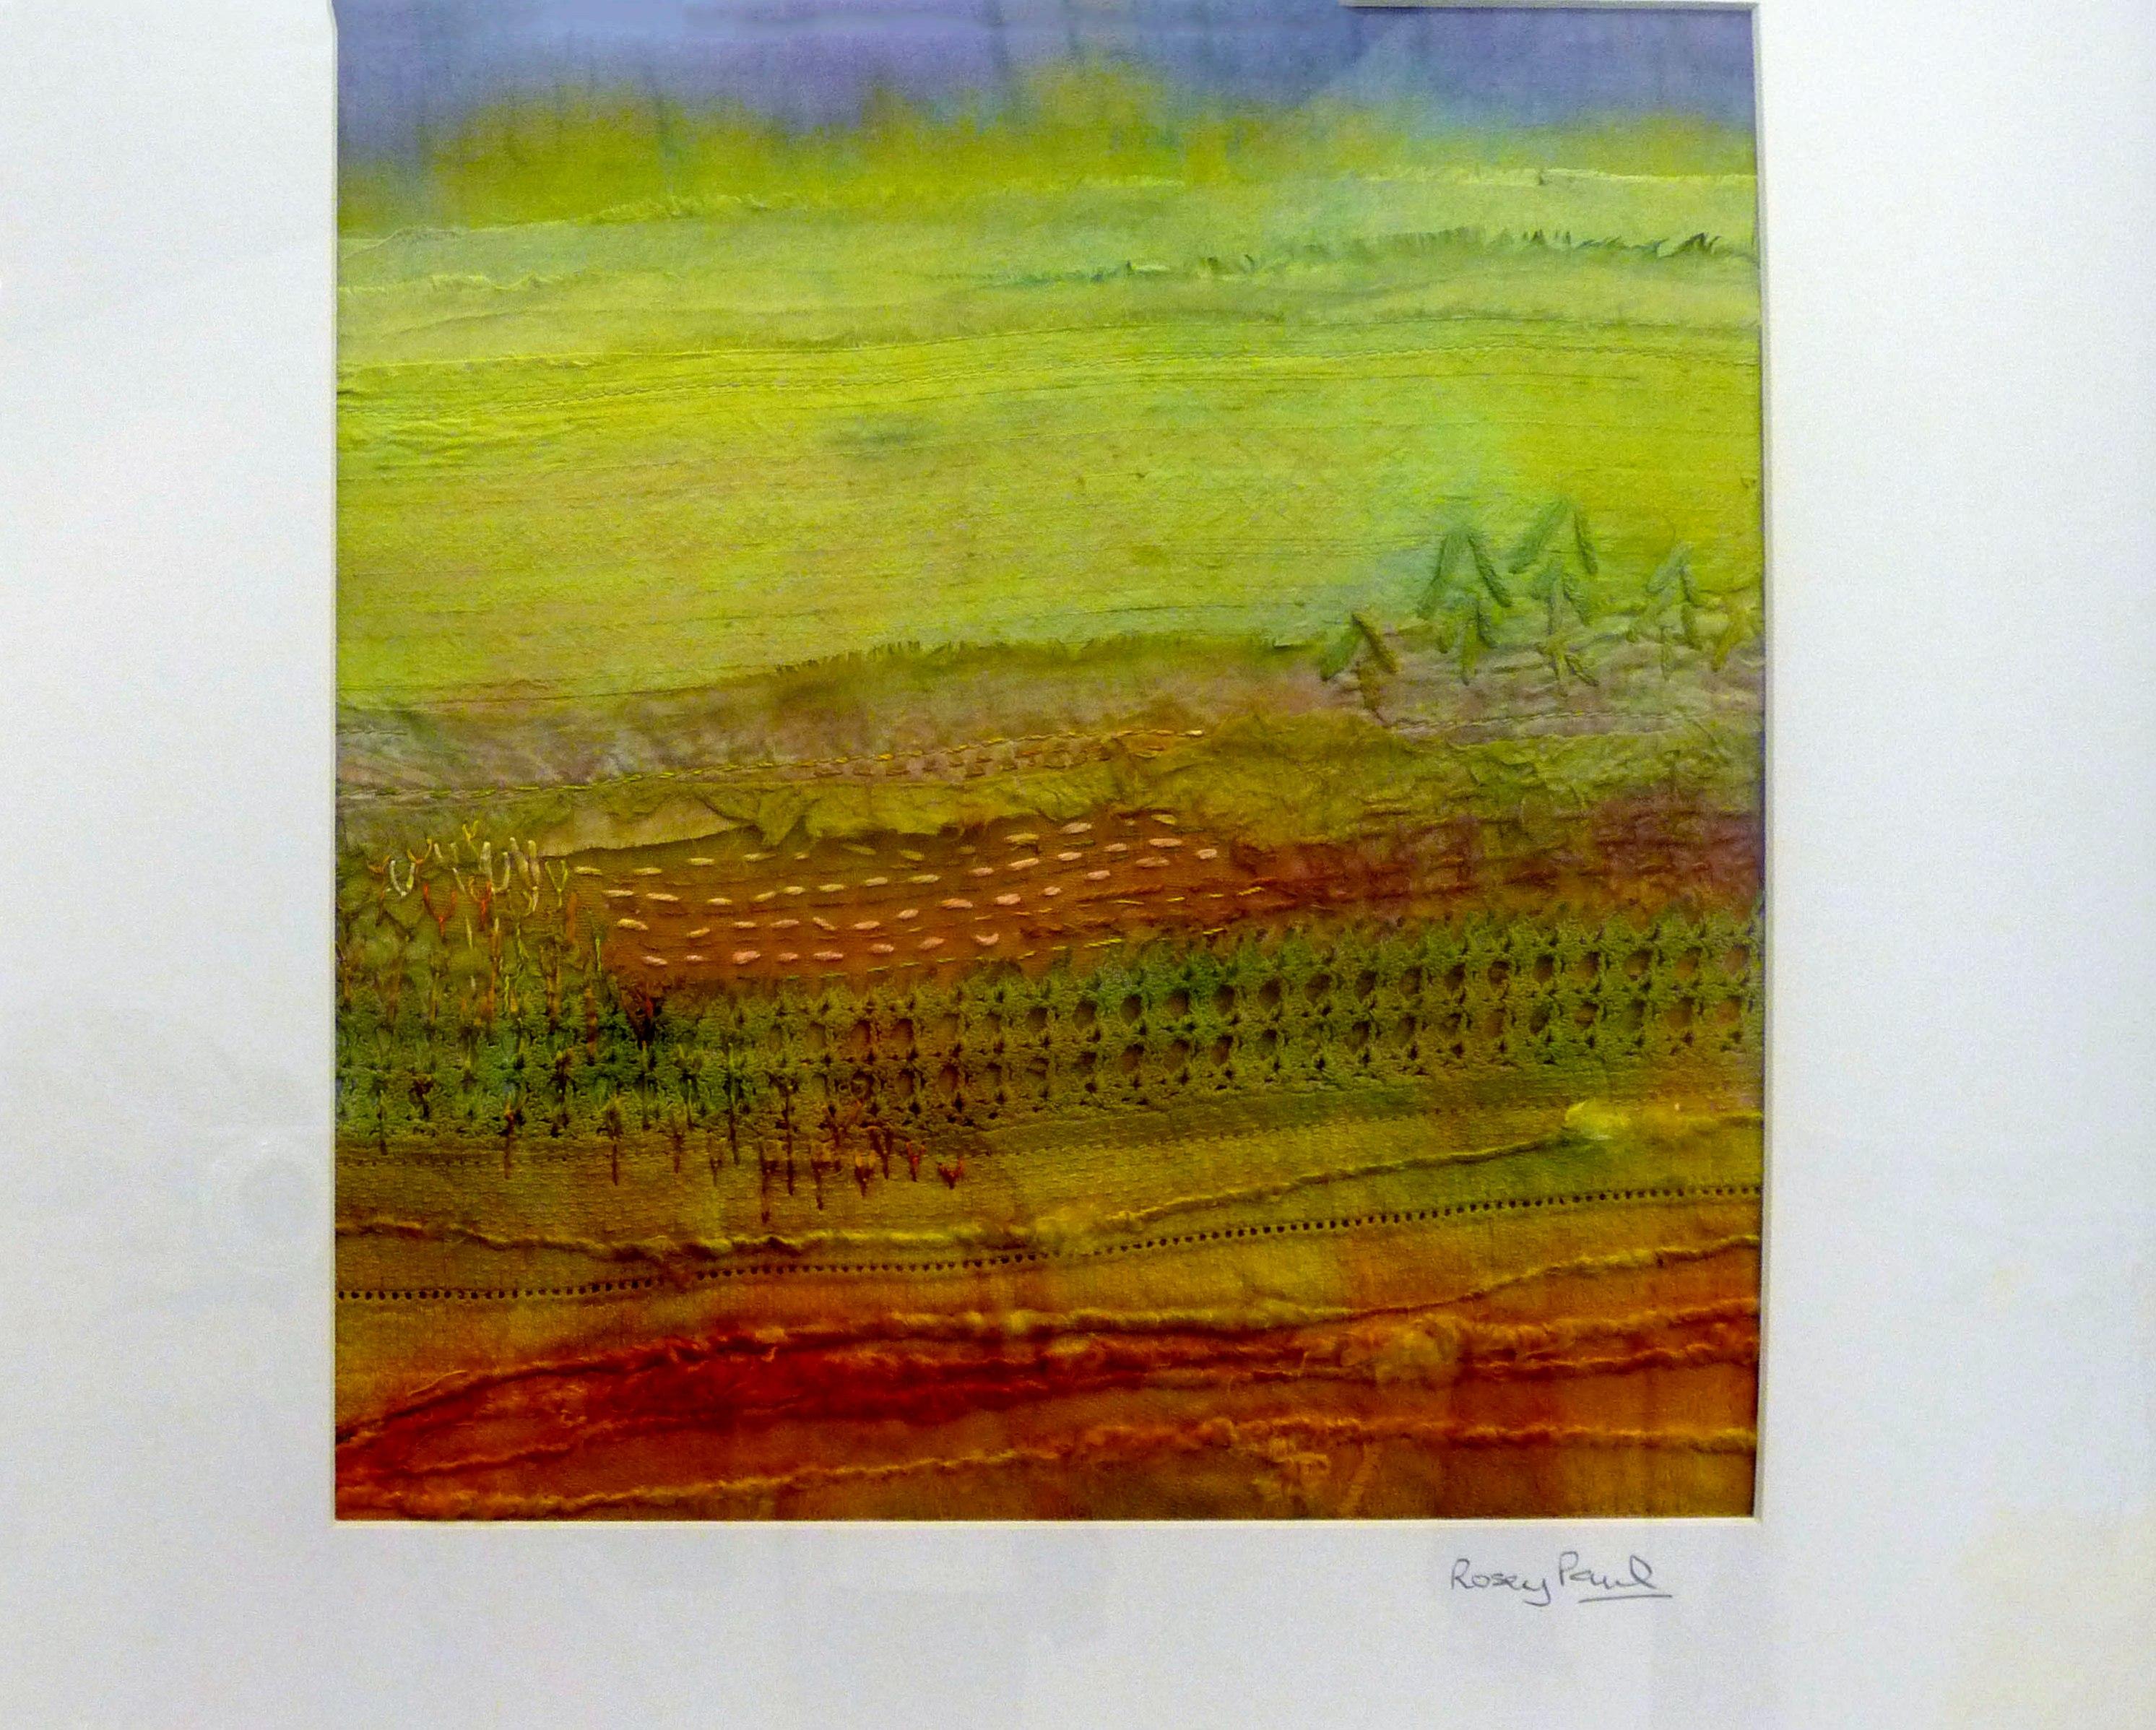 OCHRE FIELDS (ii) by Rosey Paul, textile